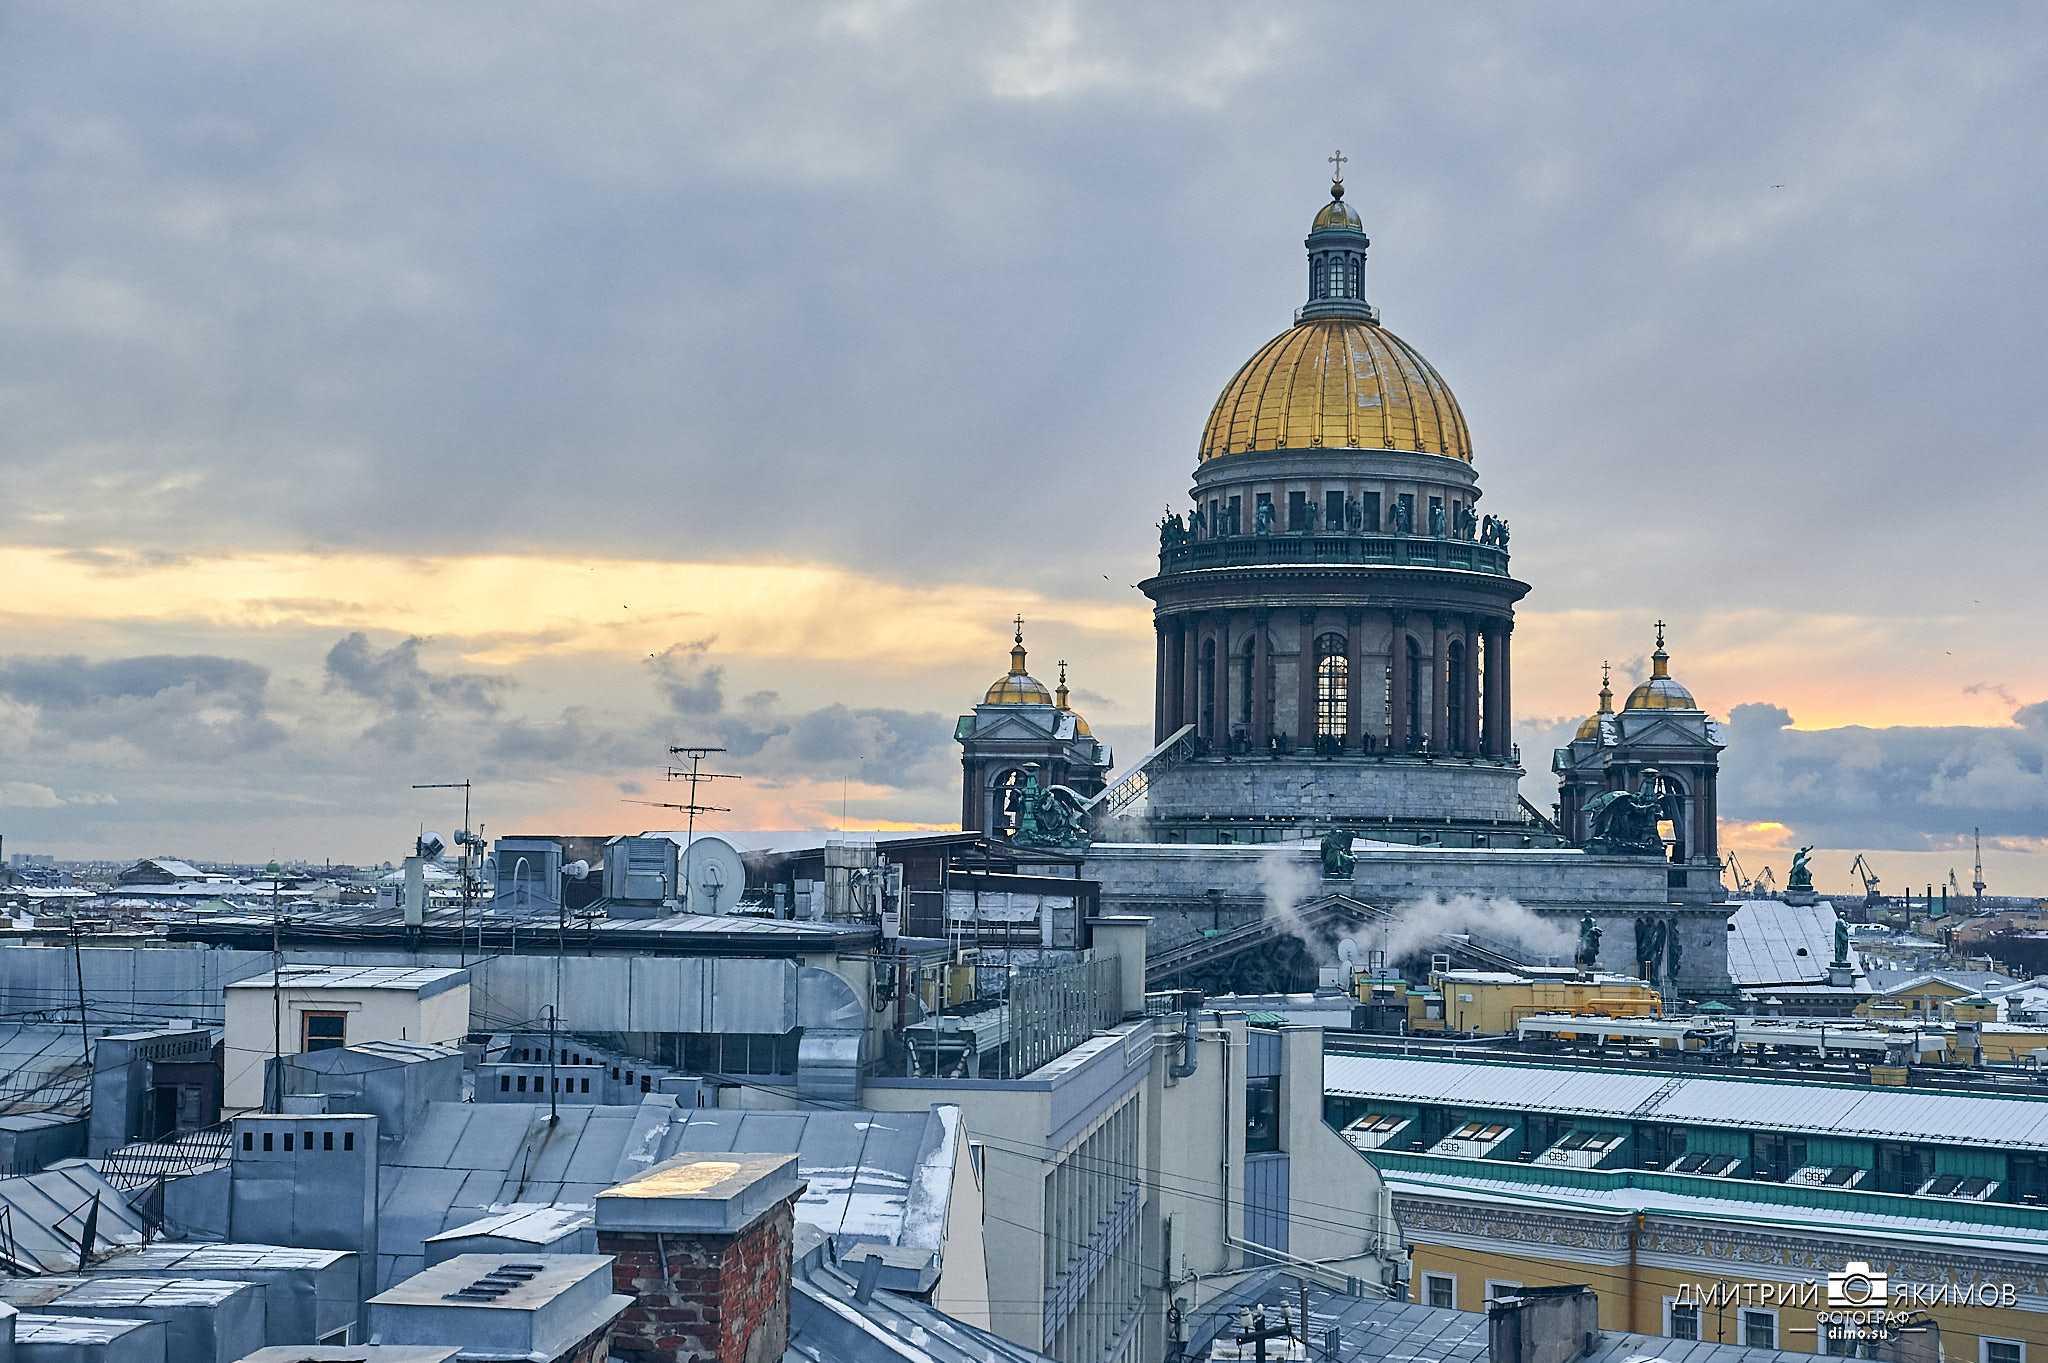 Зимний Исаакиевский собор, крыши